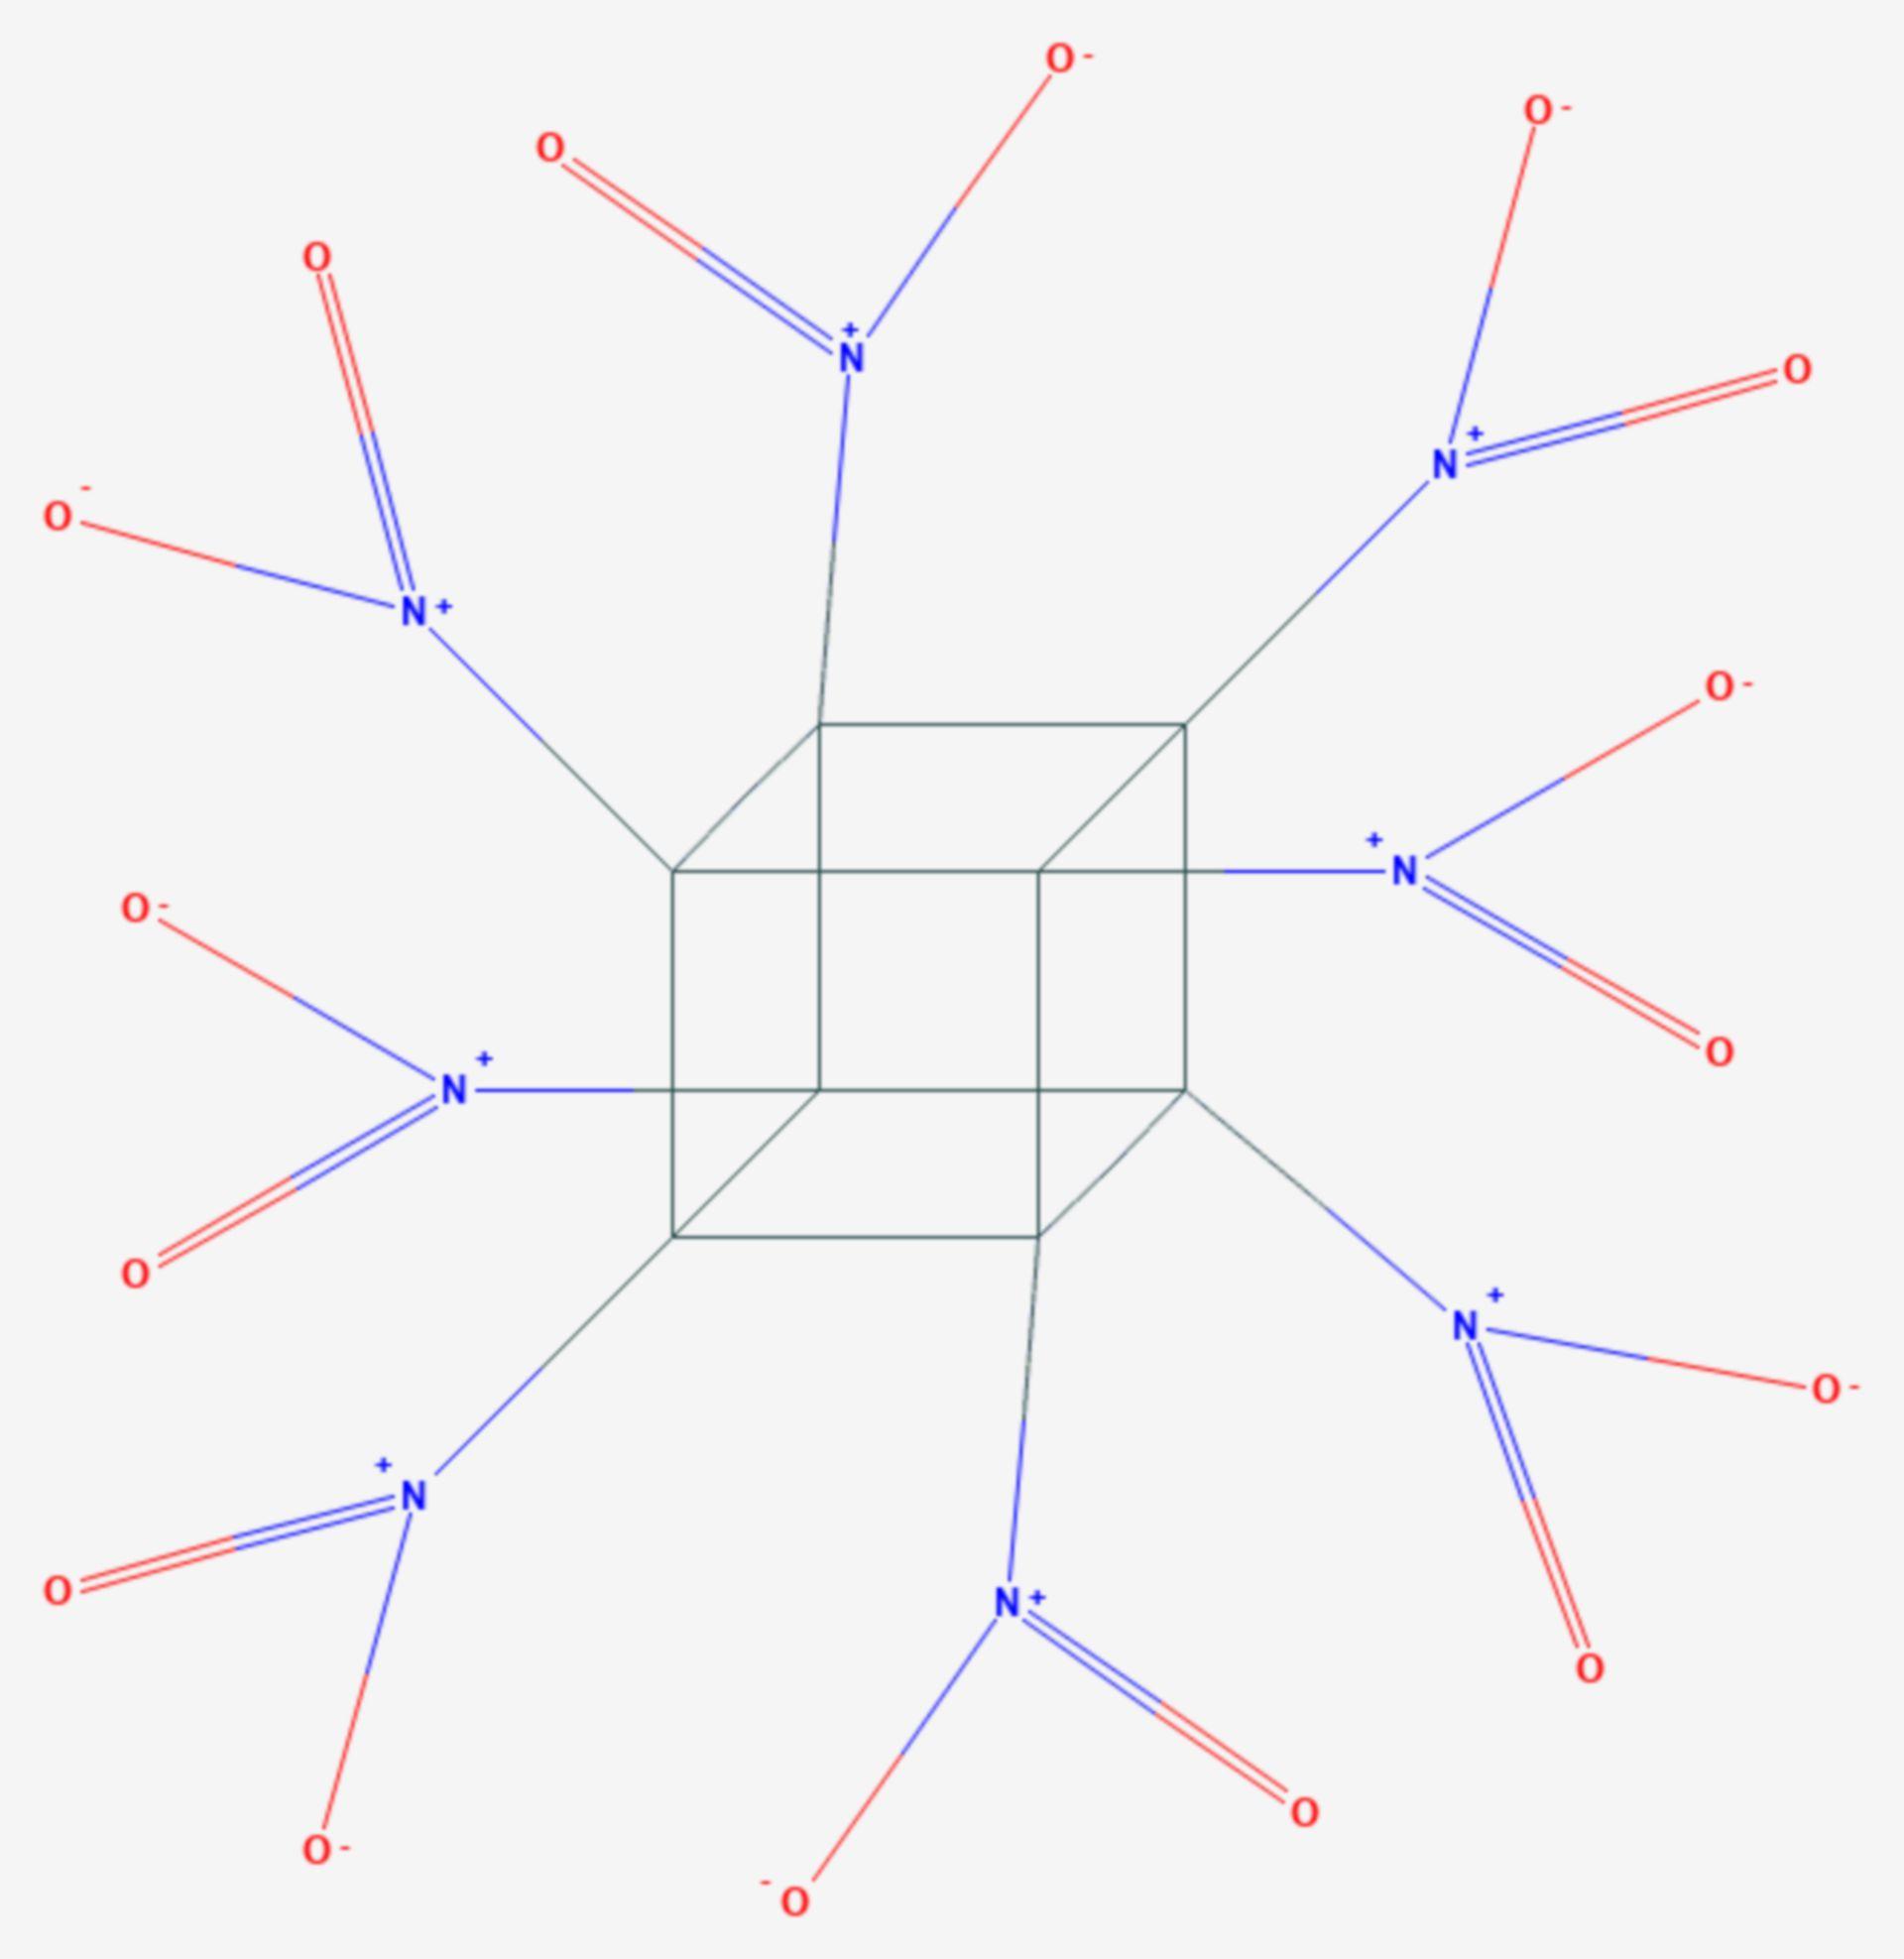 Octanitrocuban (Strukturformel)